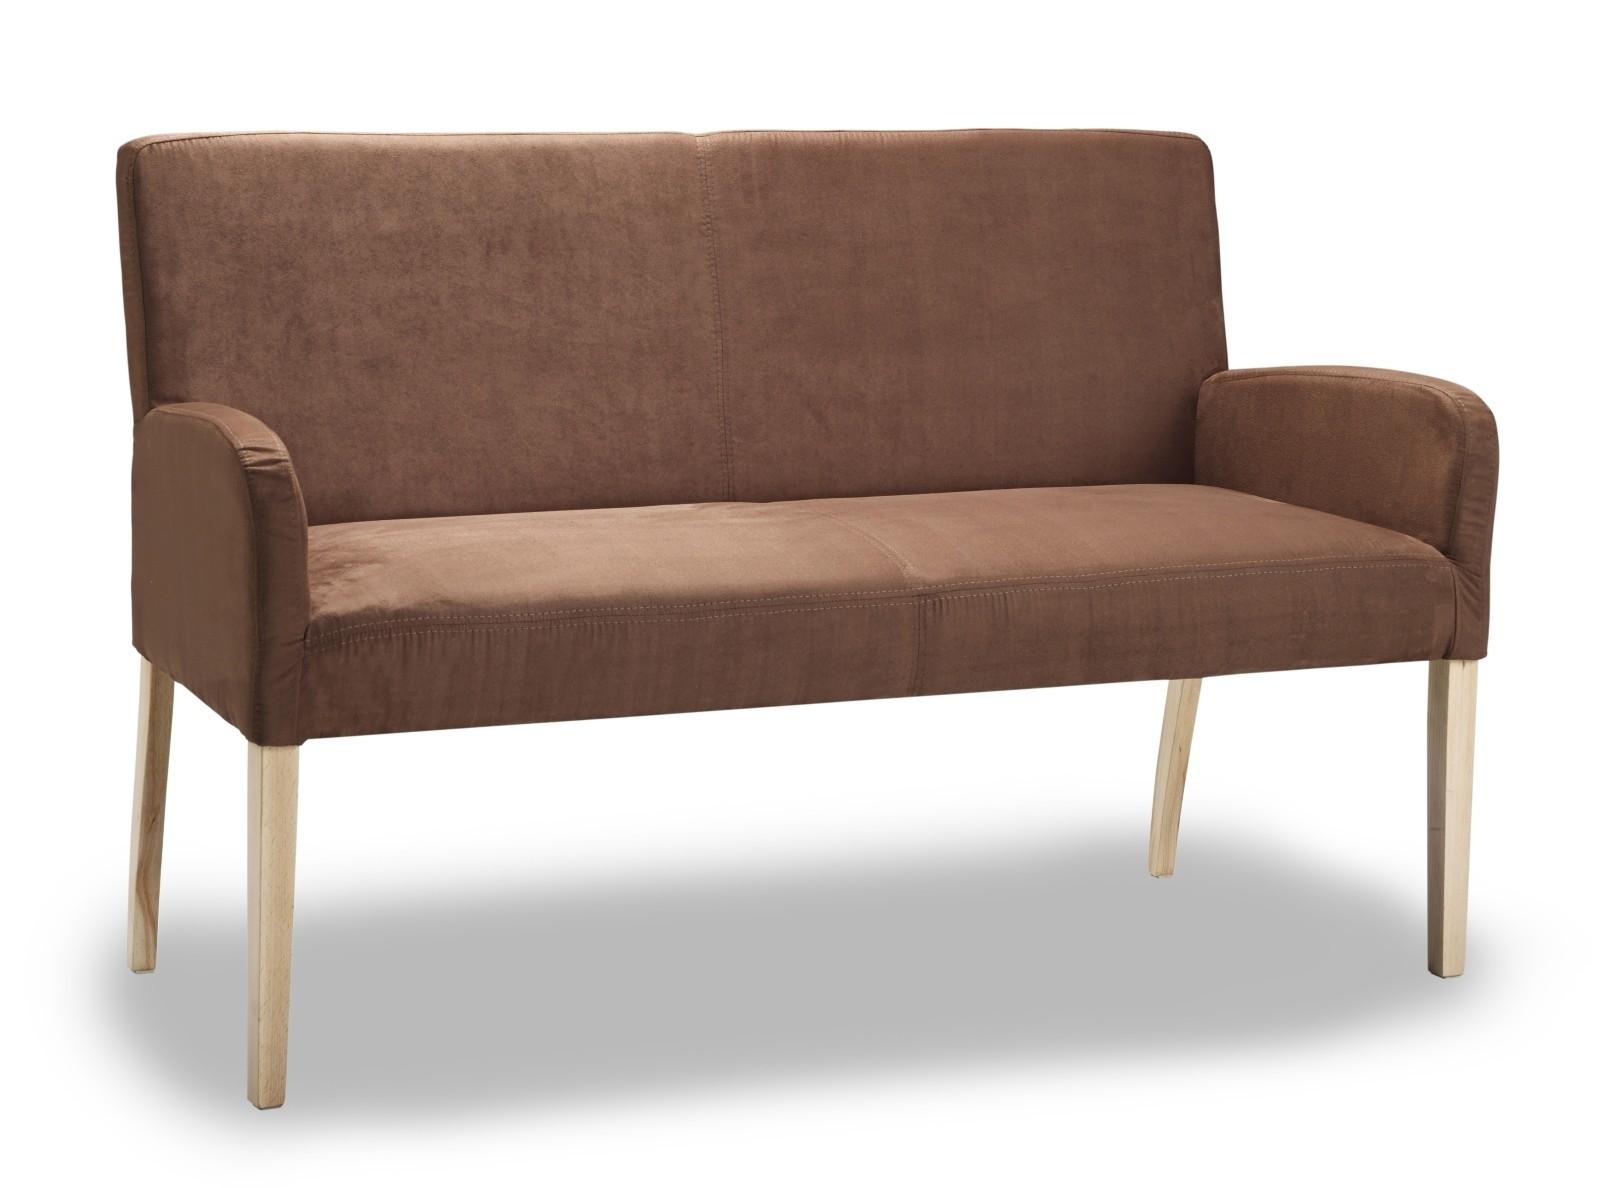 ALFO Polsterbank Sitzbank 123 cm Microfaser Beine aus Buche oder Eiche